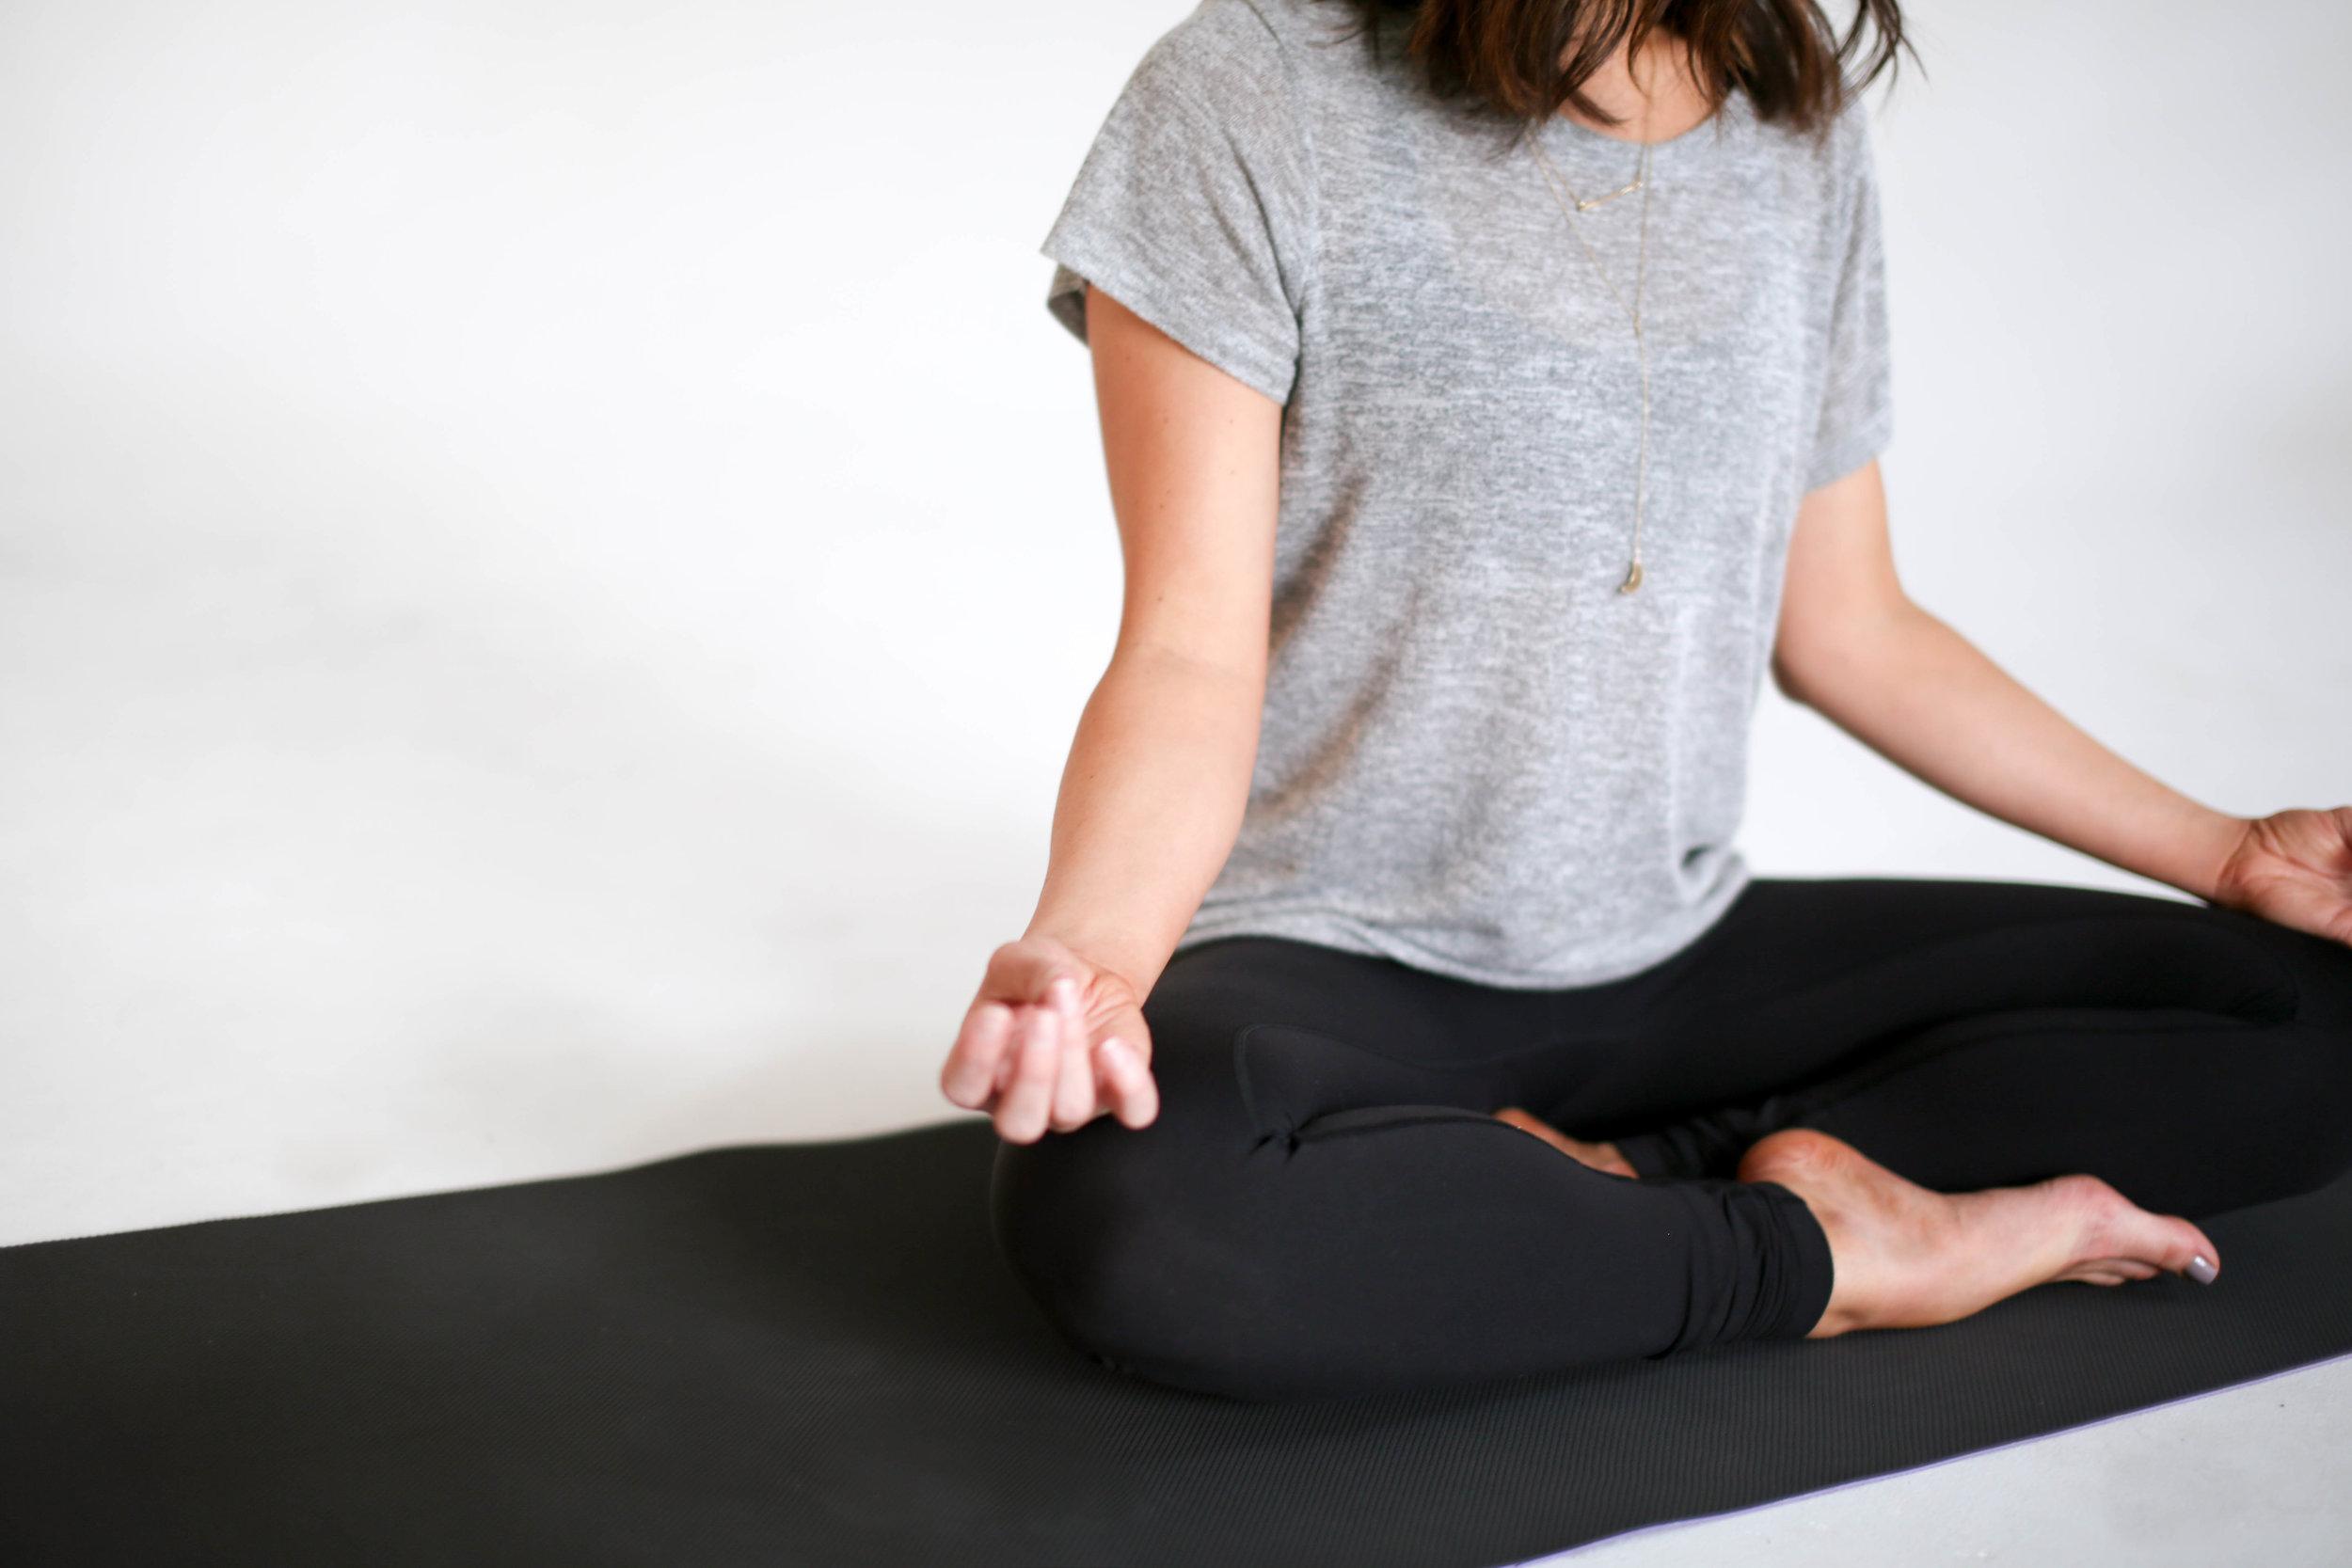 How To Start Meditating | 10 Meditation Tips for Beginners | Jennifer Diaz